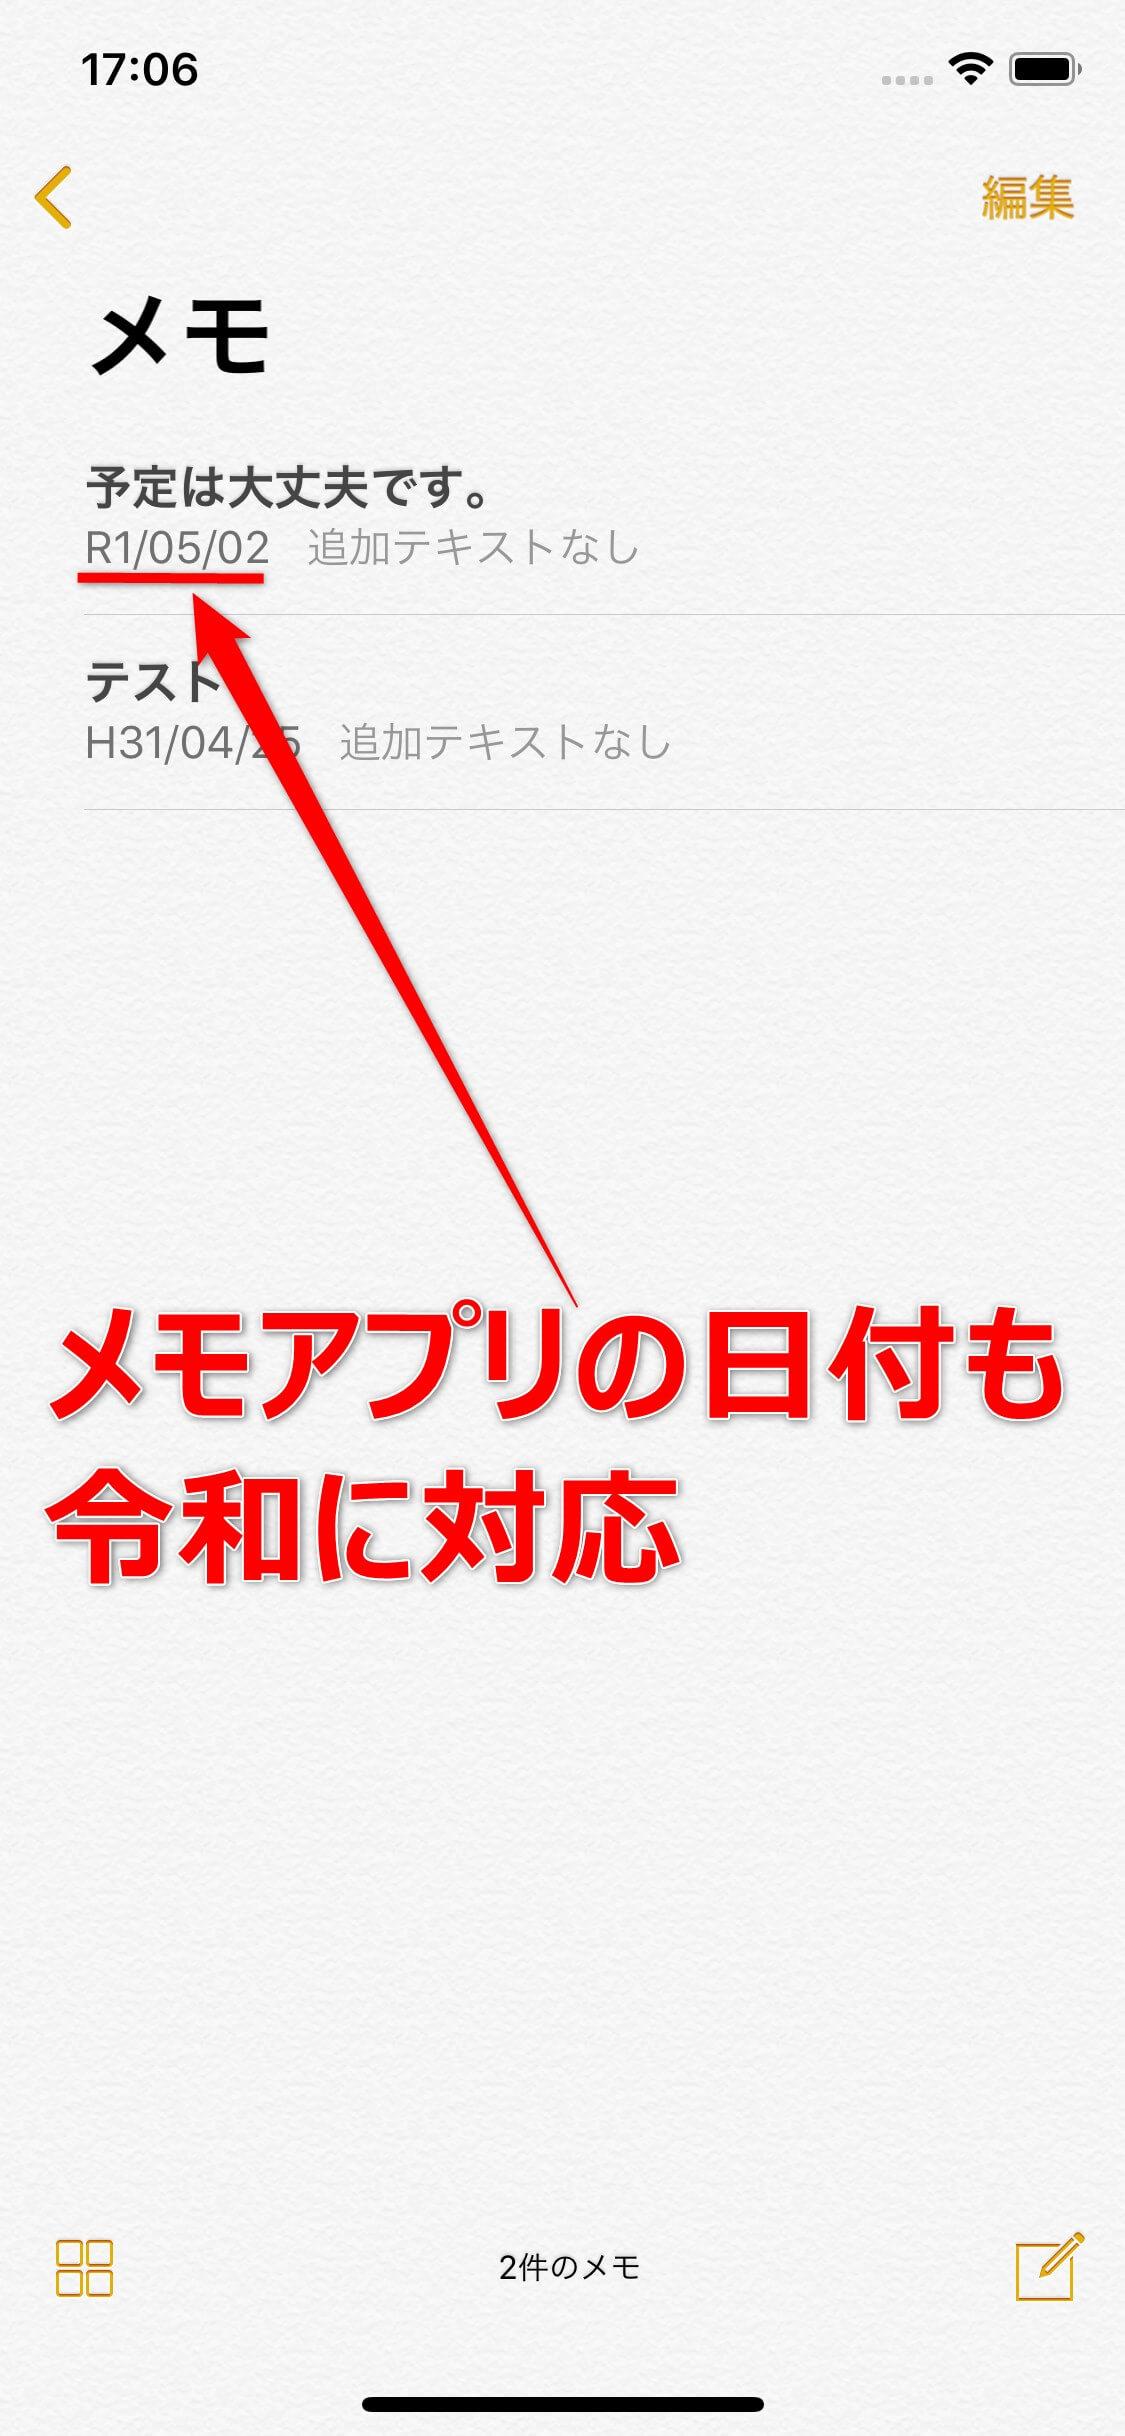 iPhone(アイフォーン)のメモアプリの和暦表示で令和が表示された画面